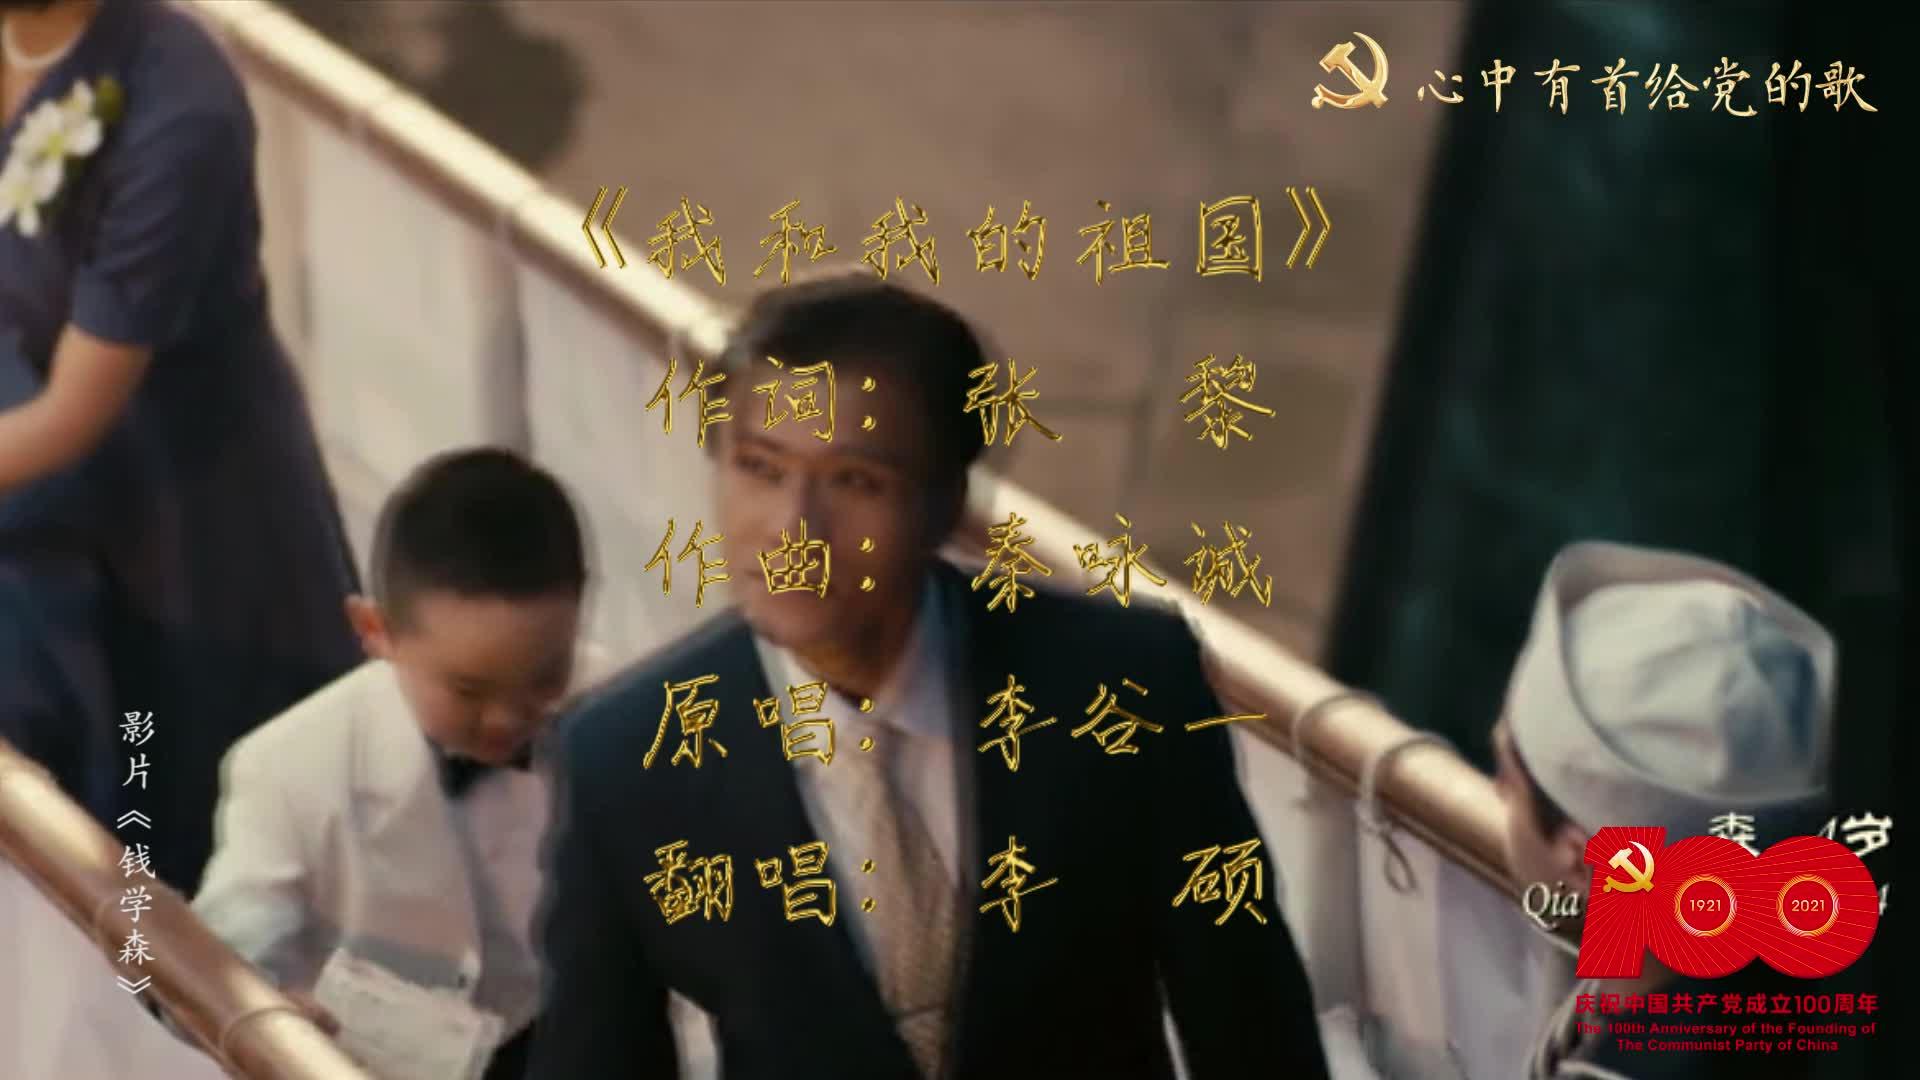 """《我和我的祖国》——""""心中有首给党的歌""""系列MV"""